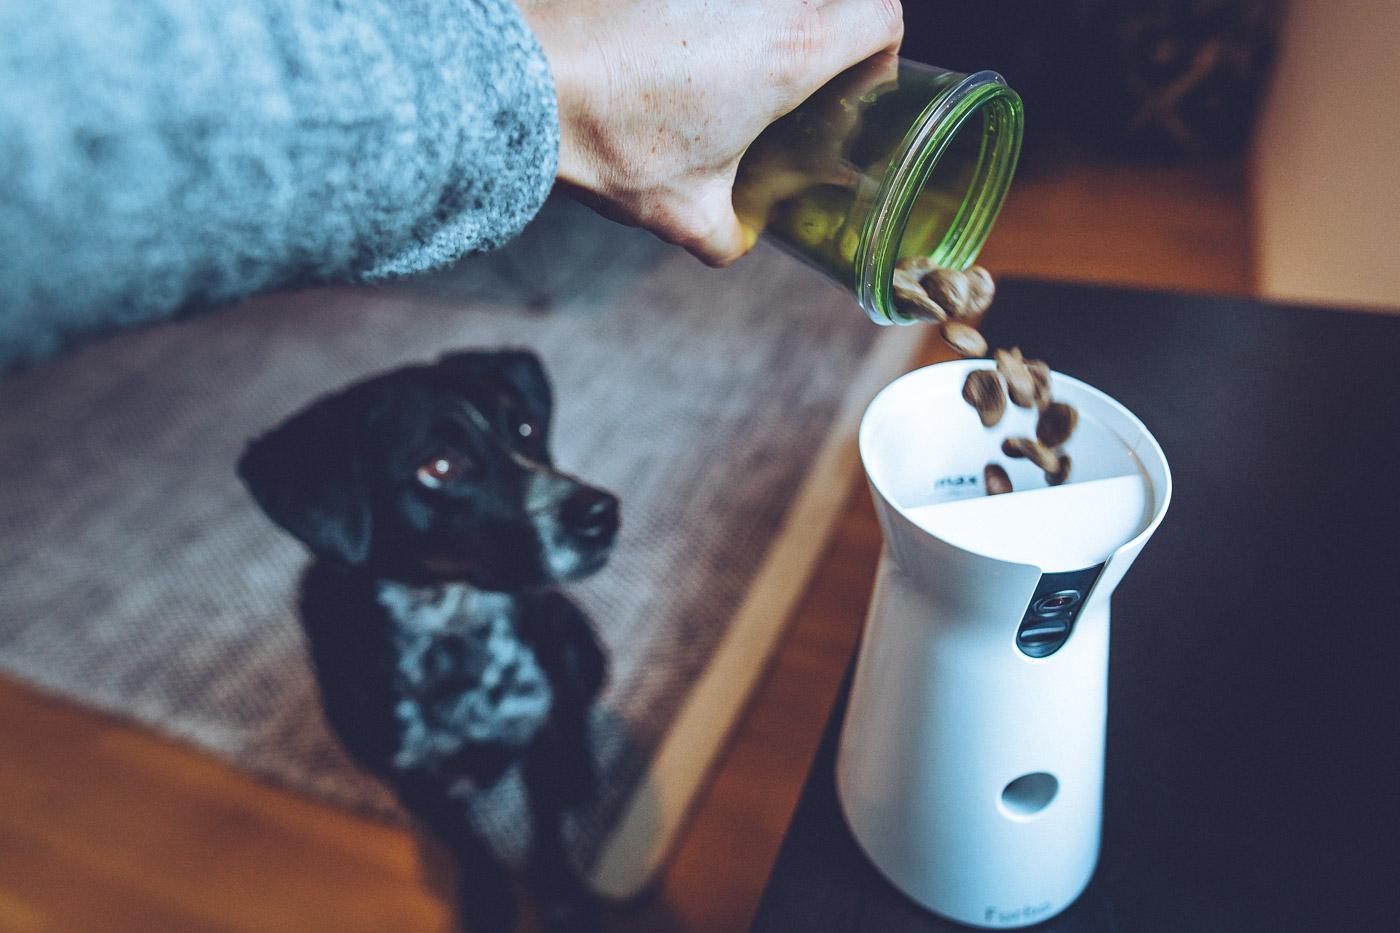 Hund schaut beim befüllen der Furbo Hundekamera zu